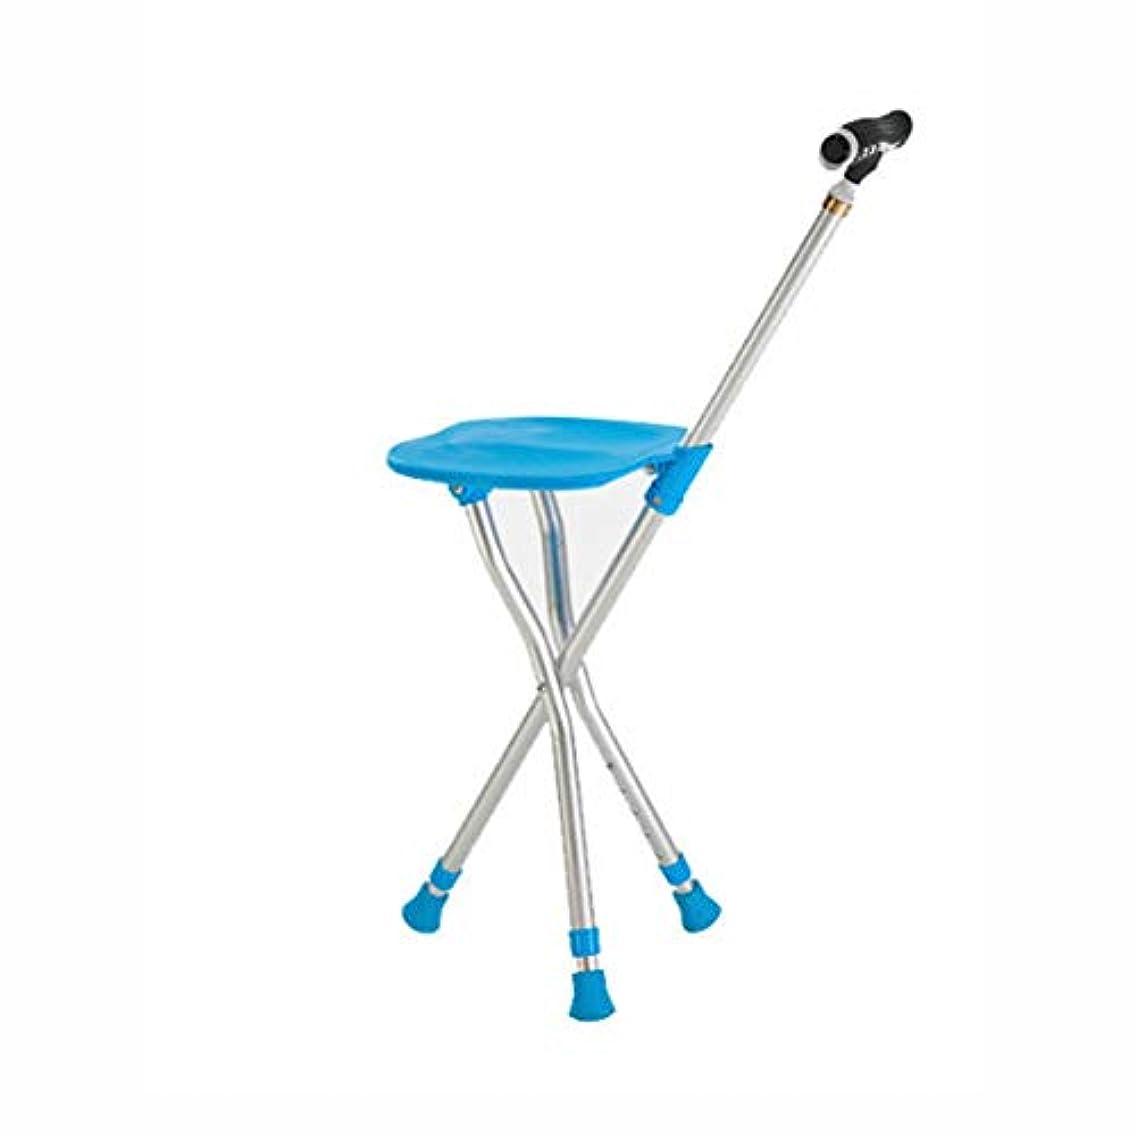 確認してください心から雪だるまFISHDのアルミ合金の杖の腰掛けの携帯用歩く杖の椅子の大きいパネルの三角形のサポートの原則高齢者の屋外旅行残りの腰掛けのためのLEDライト、安定した